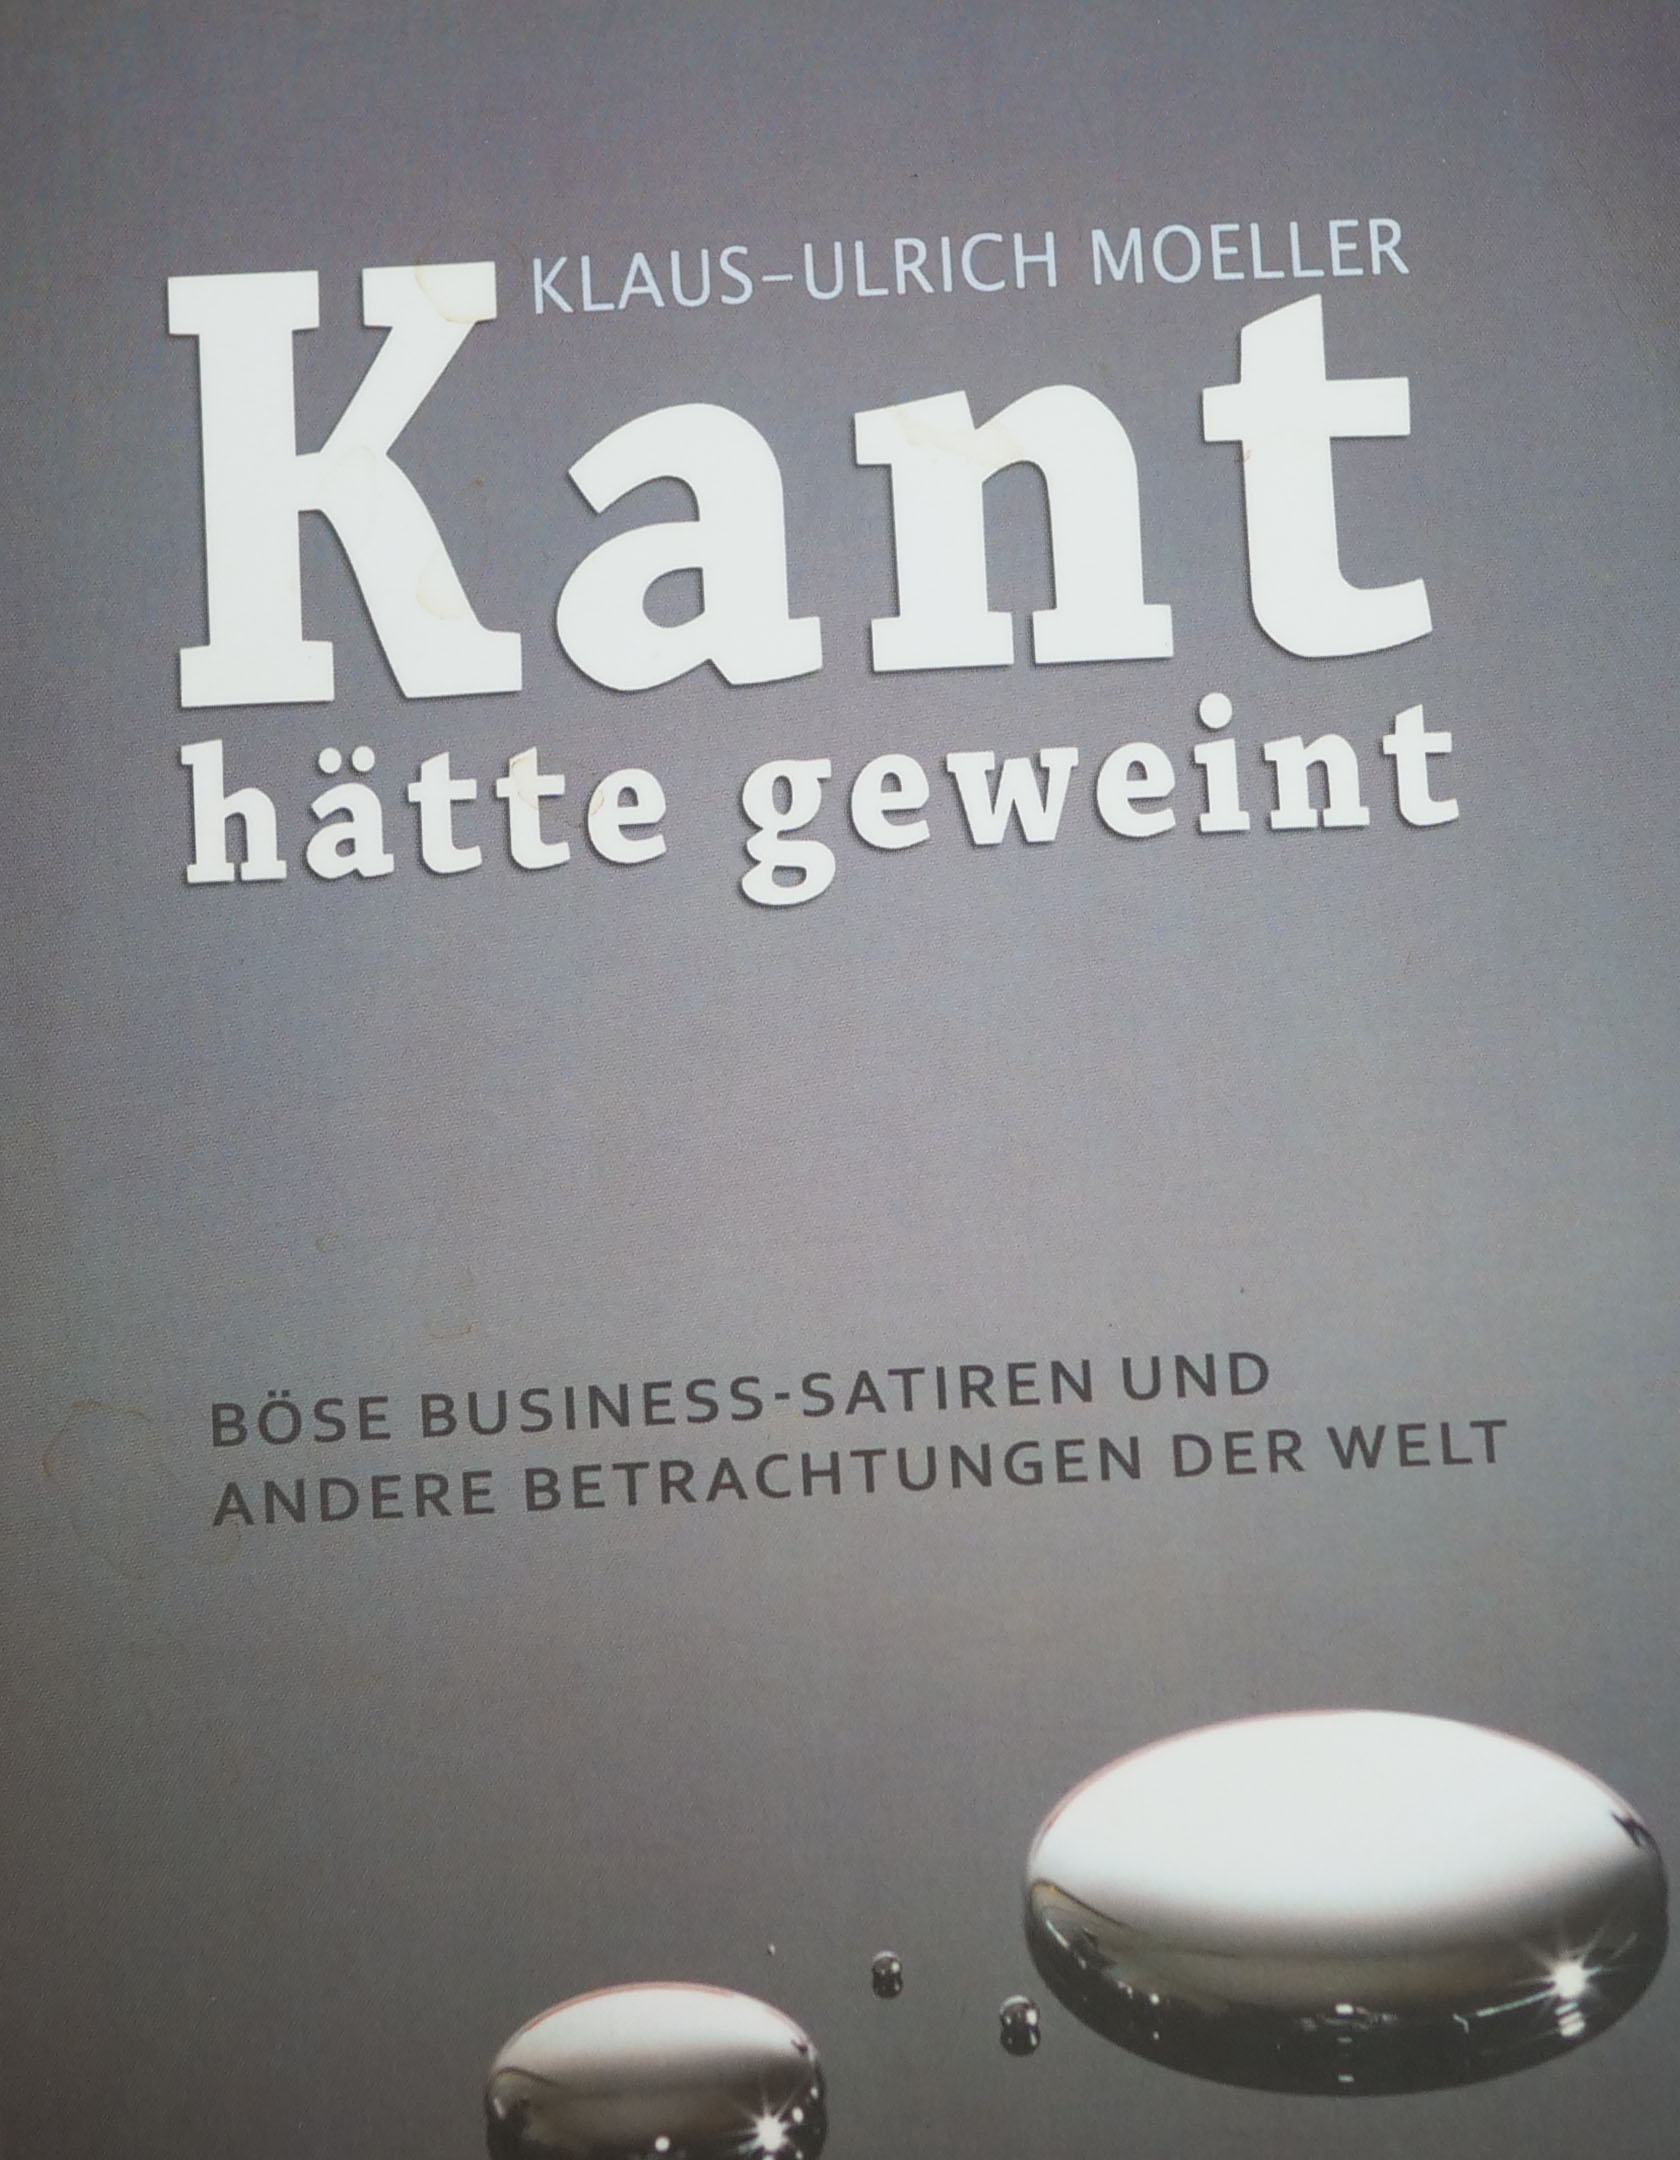 Expert Marketplace - Dr. Klaus-Ulrich Moeller - Kant hätte geweint